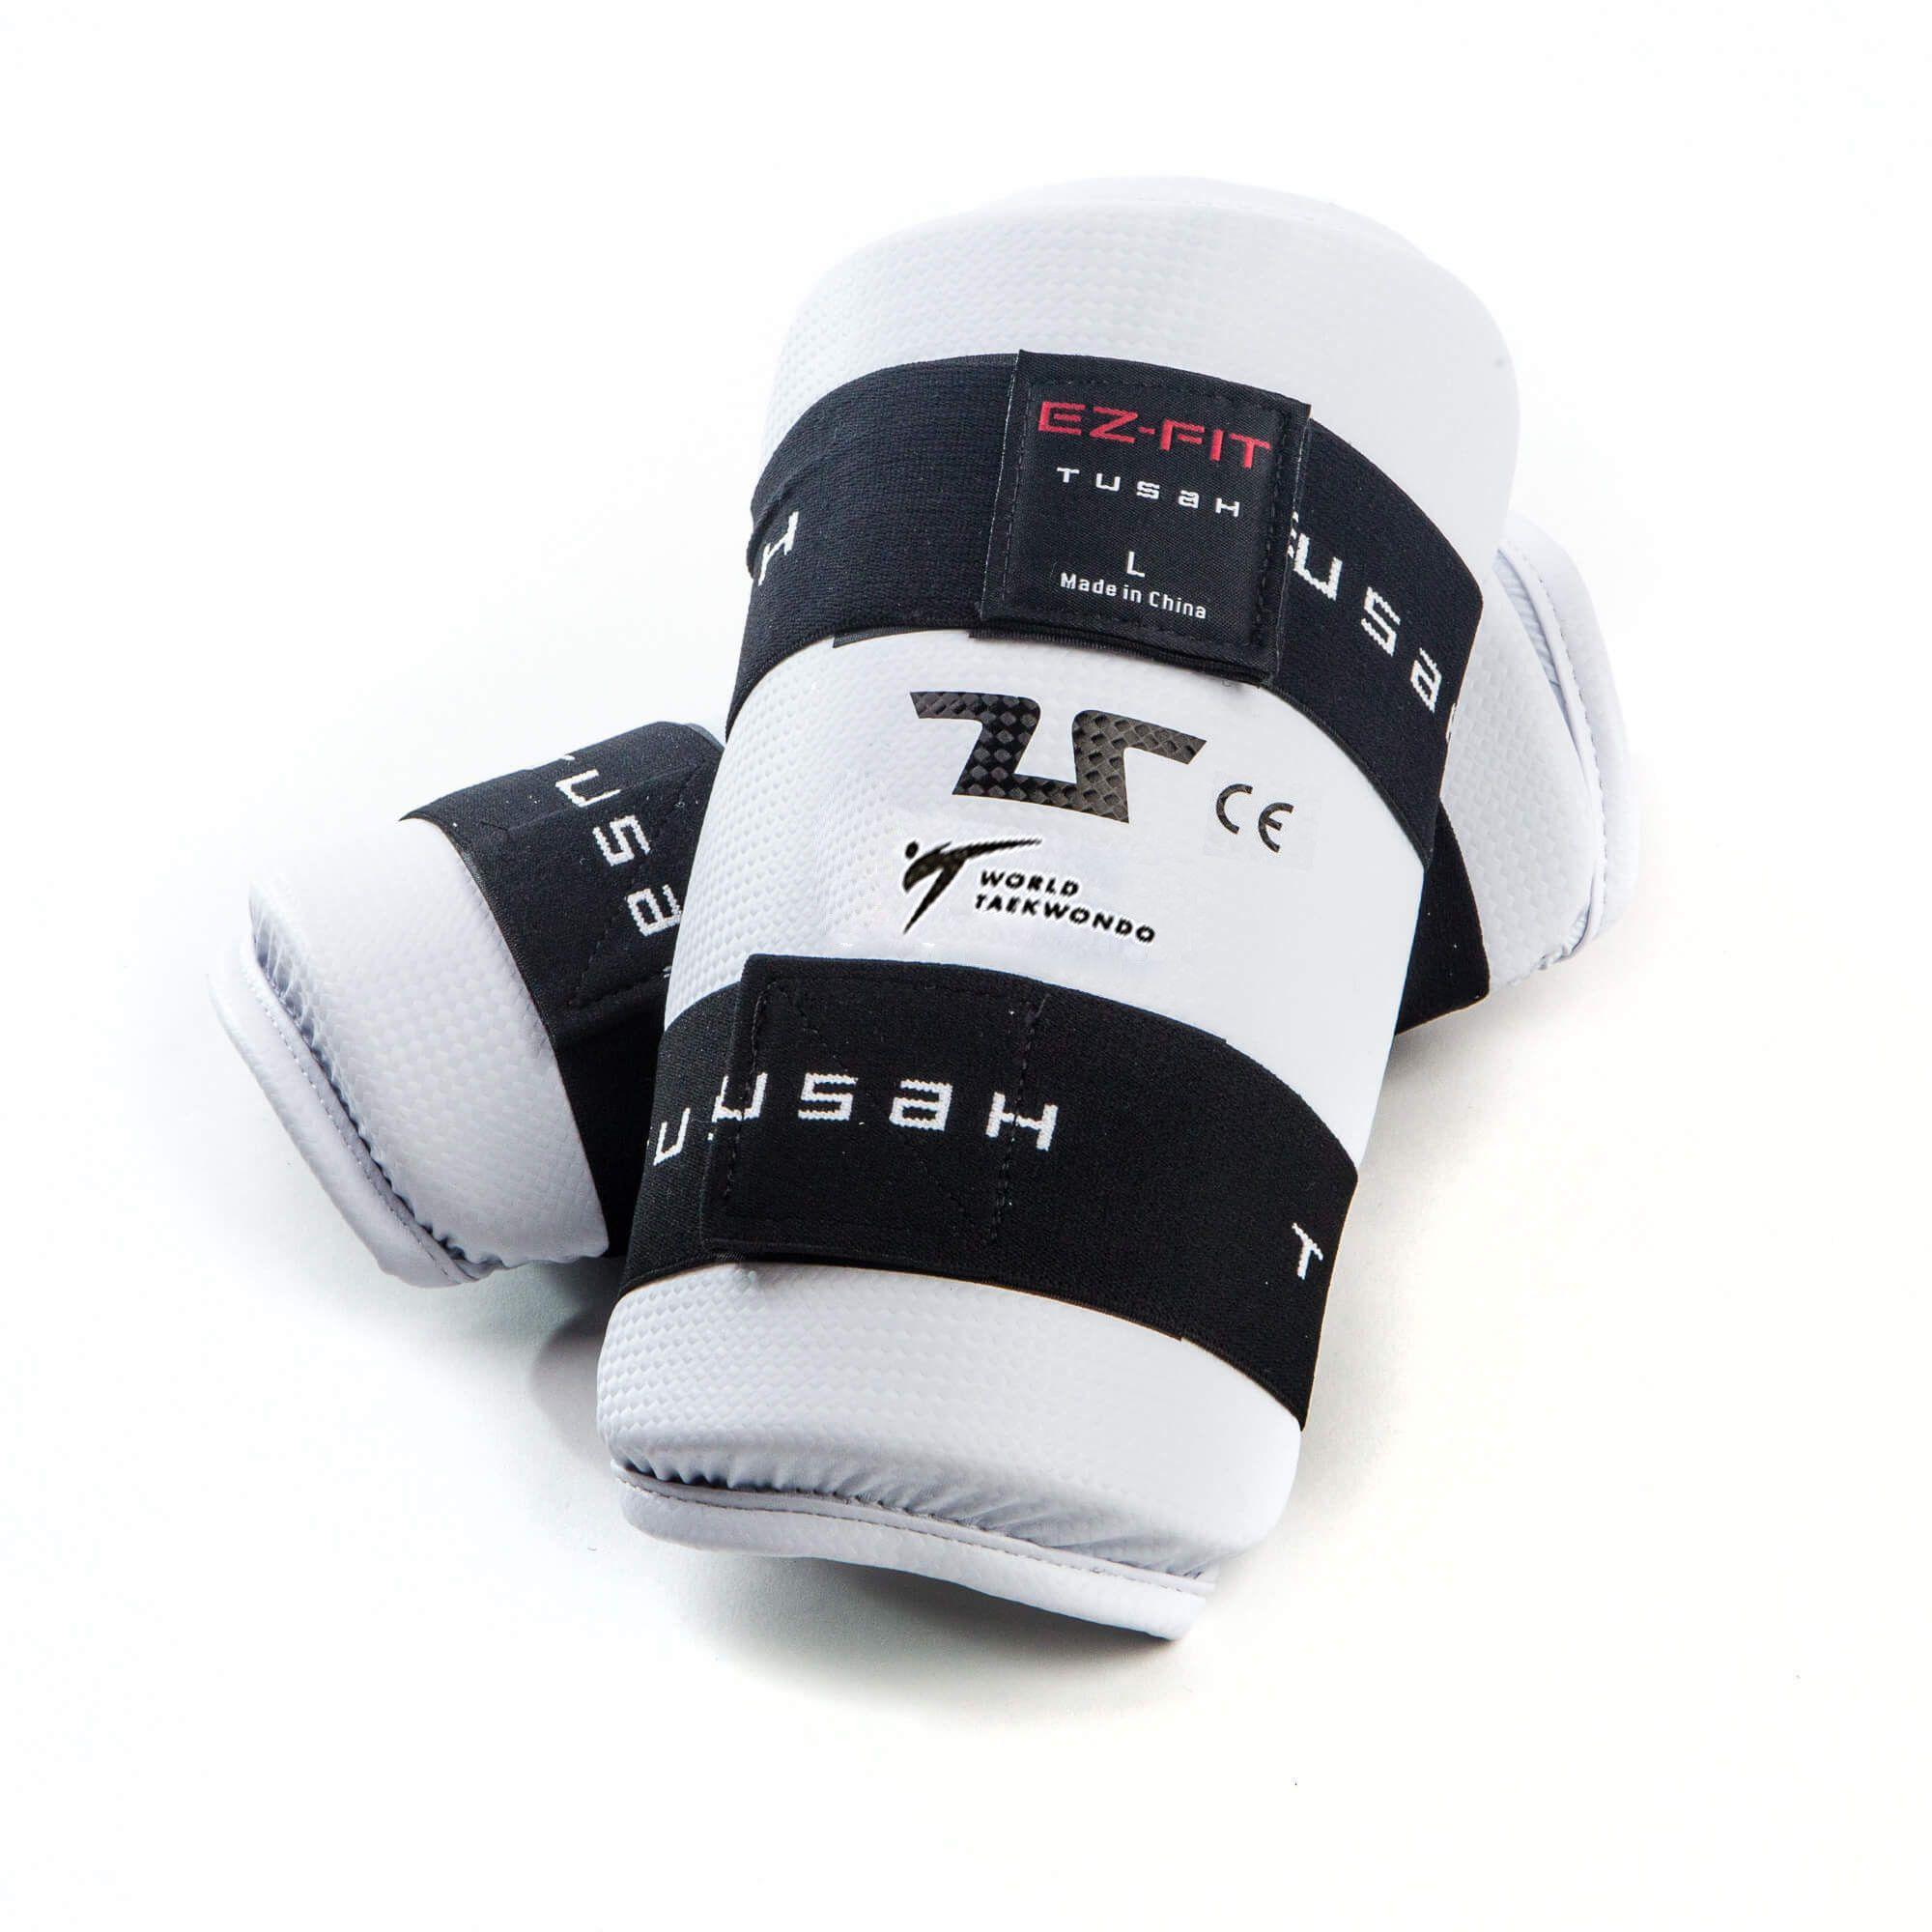 Parabraccia per Taekwondo Tusah Omologati WT WTF per allenamenti o competizioni para braccio